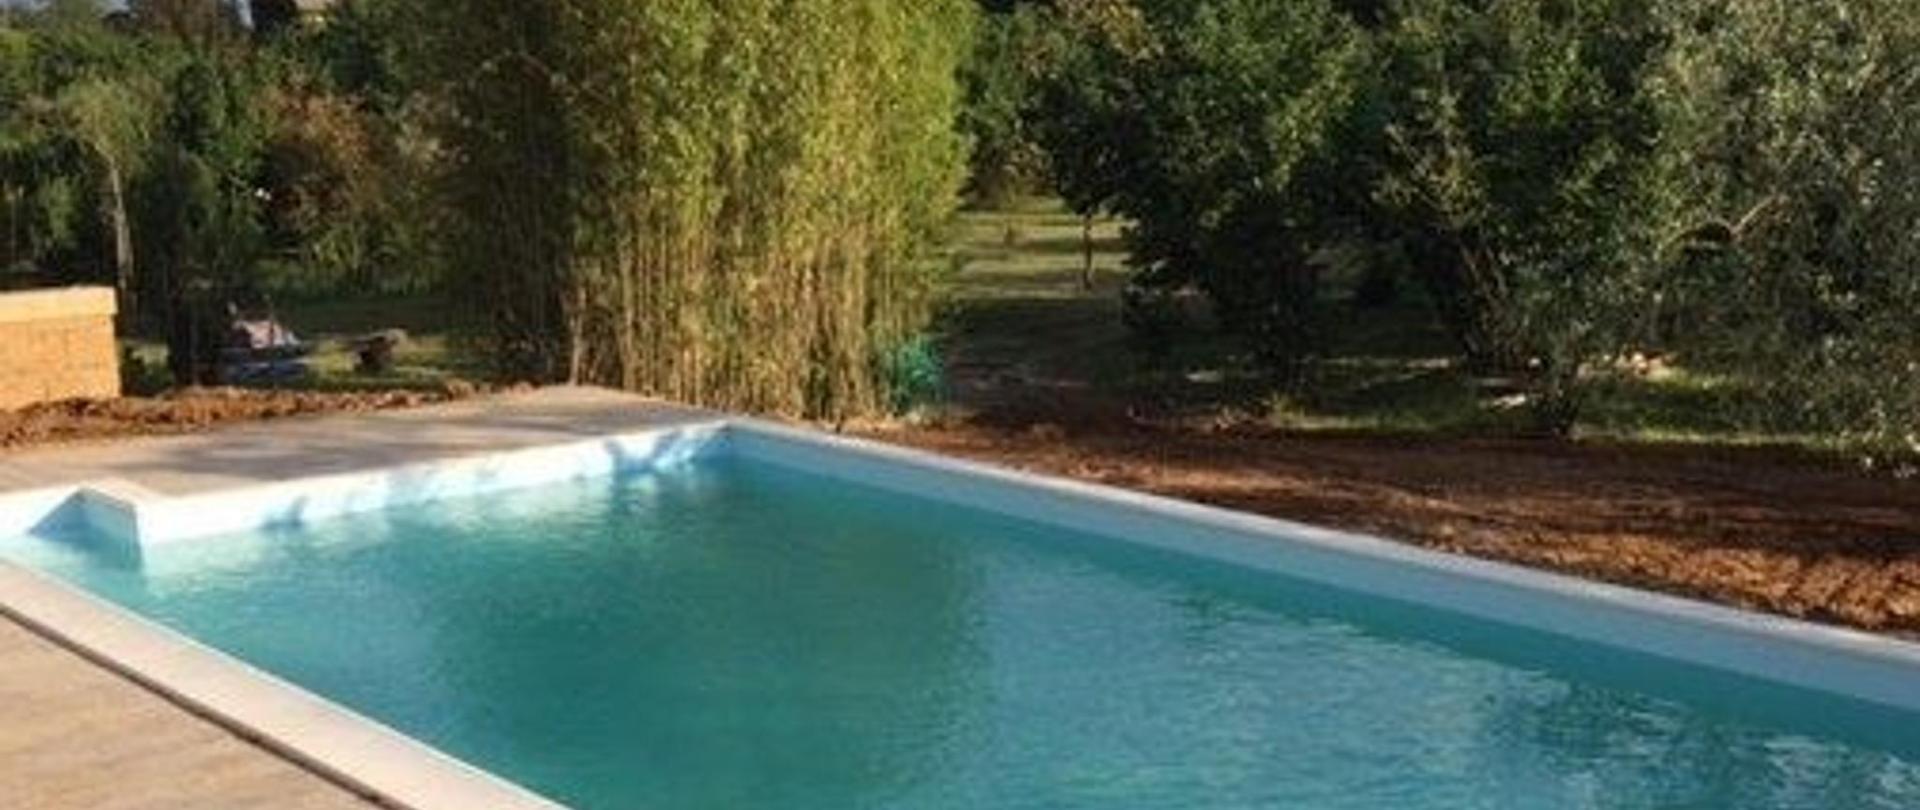 piscina-a-clorazione-naturale-a-sale-3.jpg